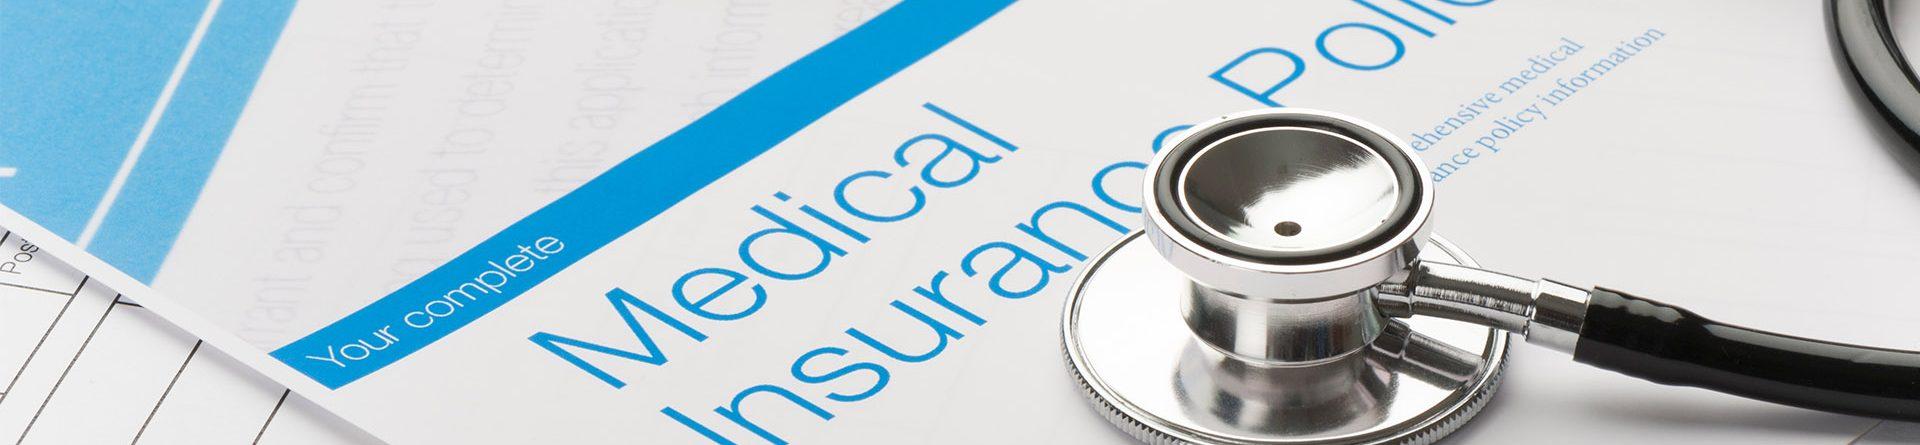 Сравнение студенческих страховок. Цены, условия, скидки